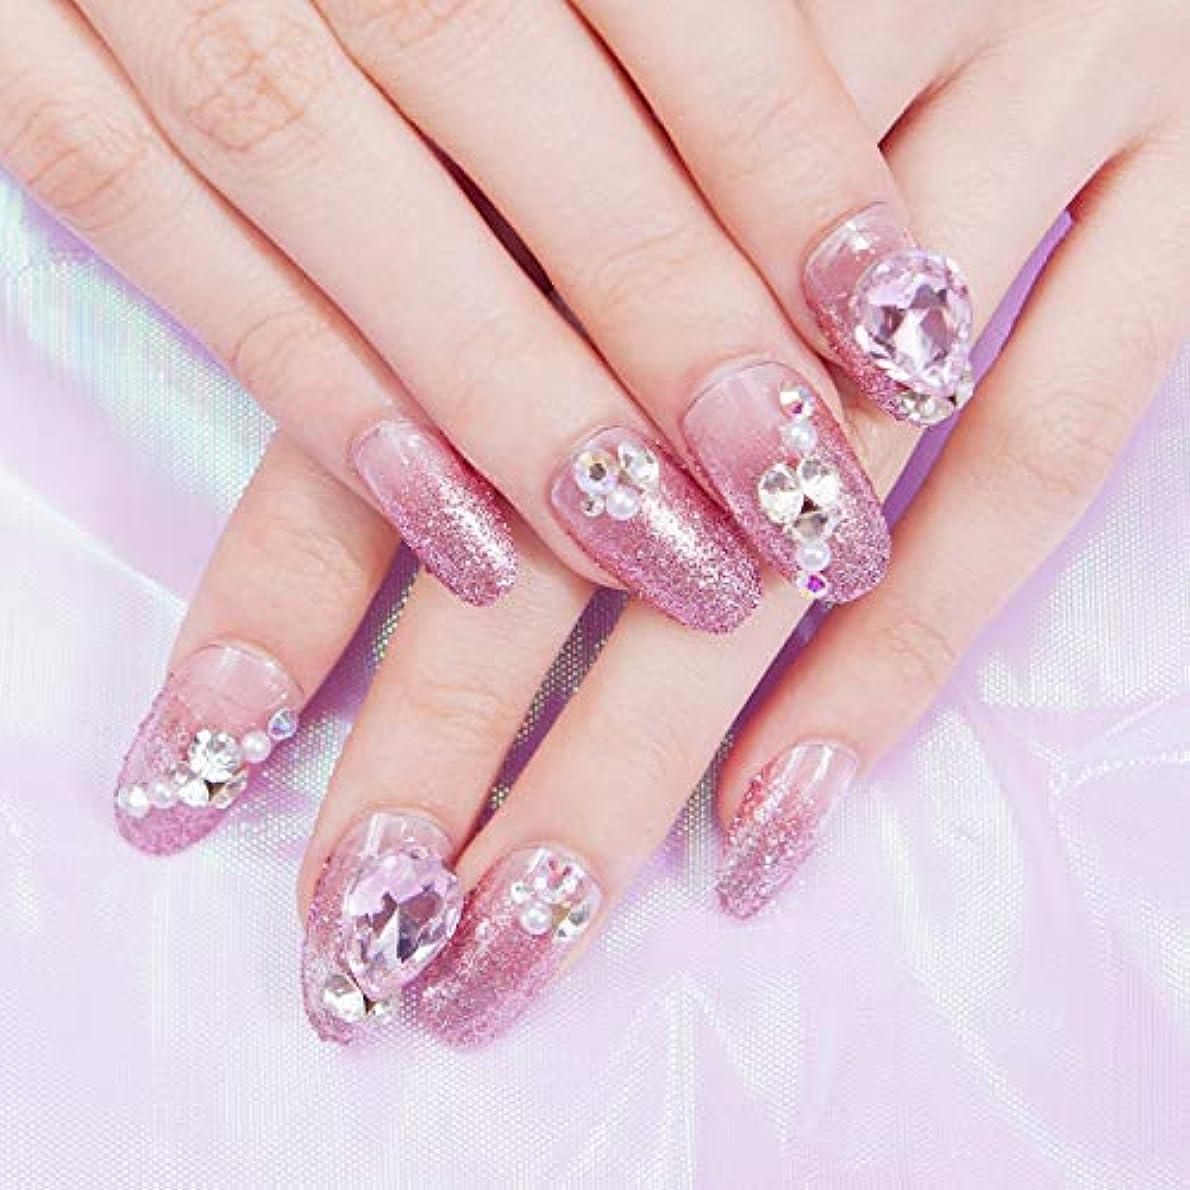 描写やがて違うピンク ジェルネイルネイルチップ 貼るだけ簡単付け爪24枚入り高品質 ins 人気の ネイルチップ パープルピンク